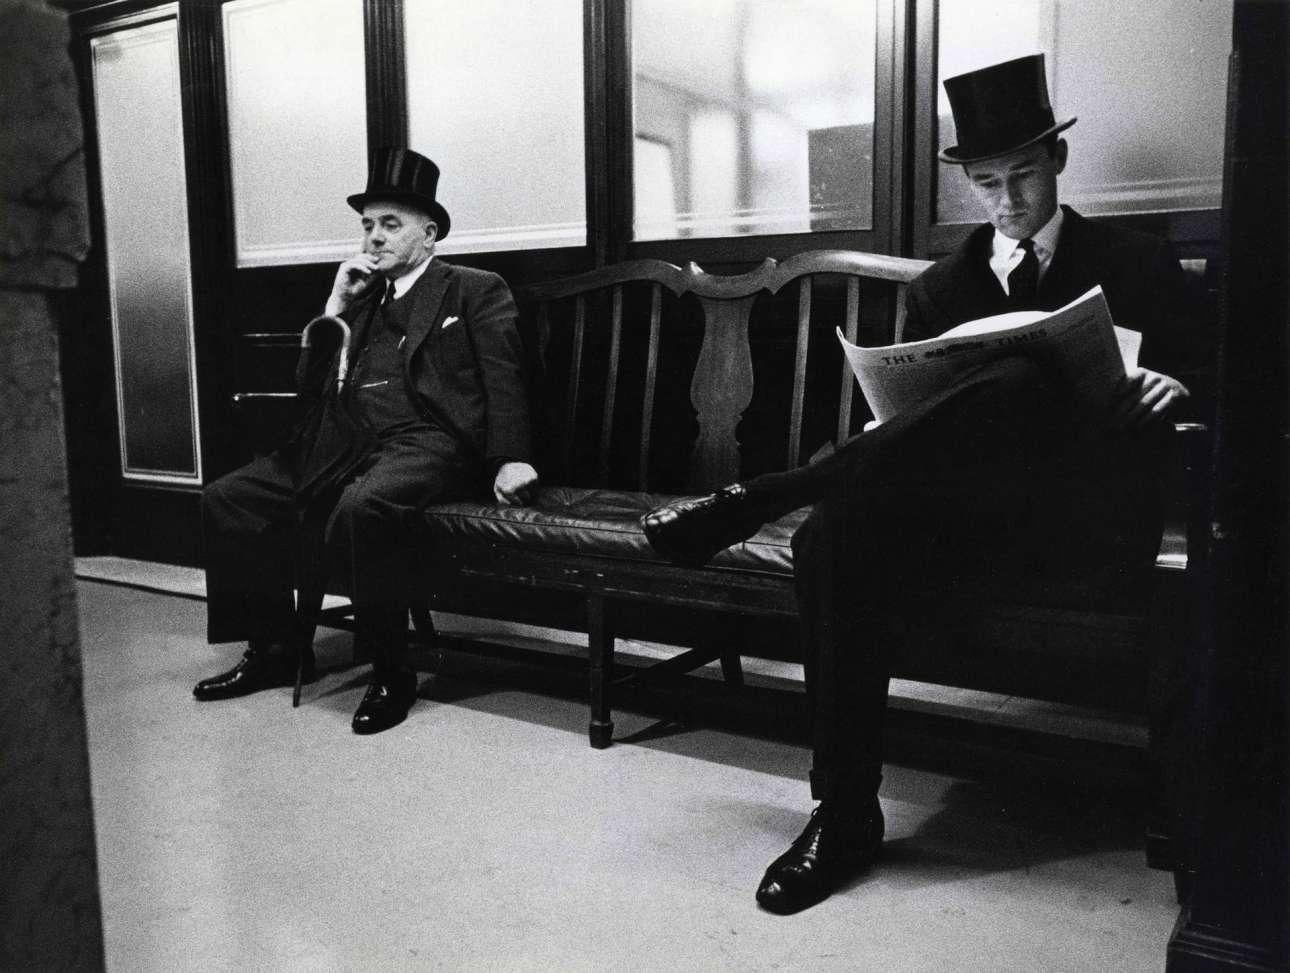 Χρηματιστές στο Σίτι του Λονδίνου, το 1958